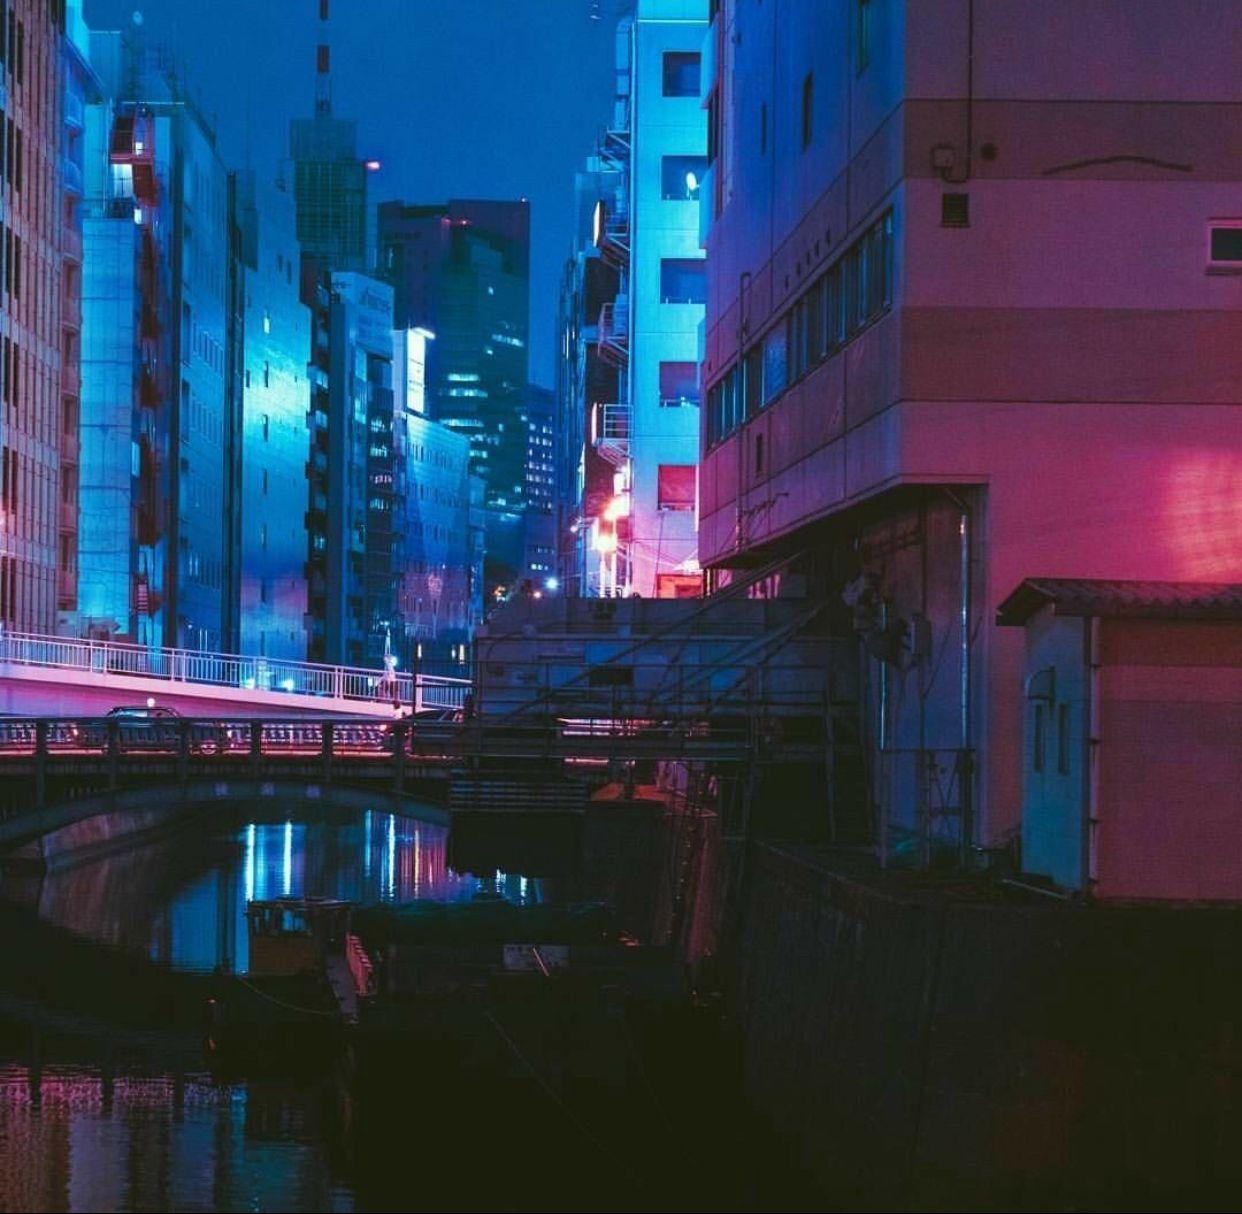 Mmirandalaurenn City Aesthetic Night Aesthetic Neon Aesthetic